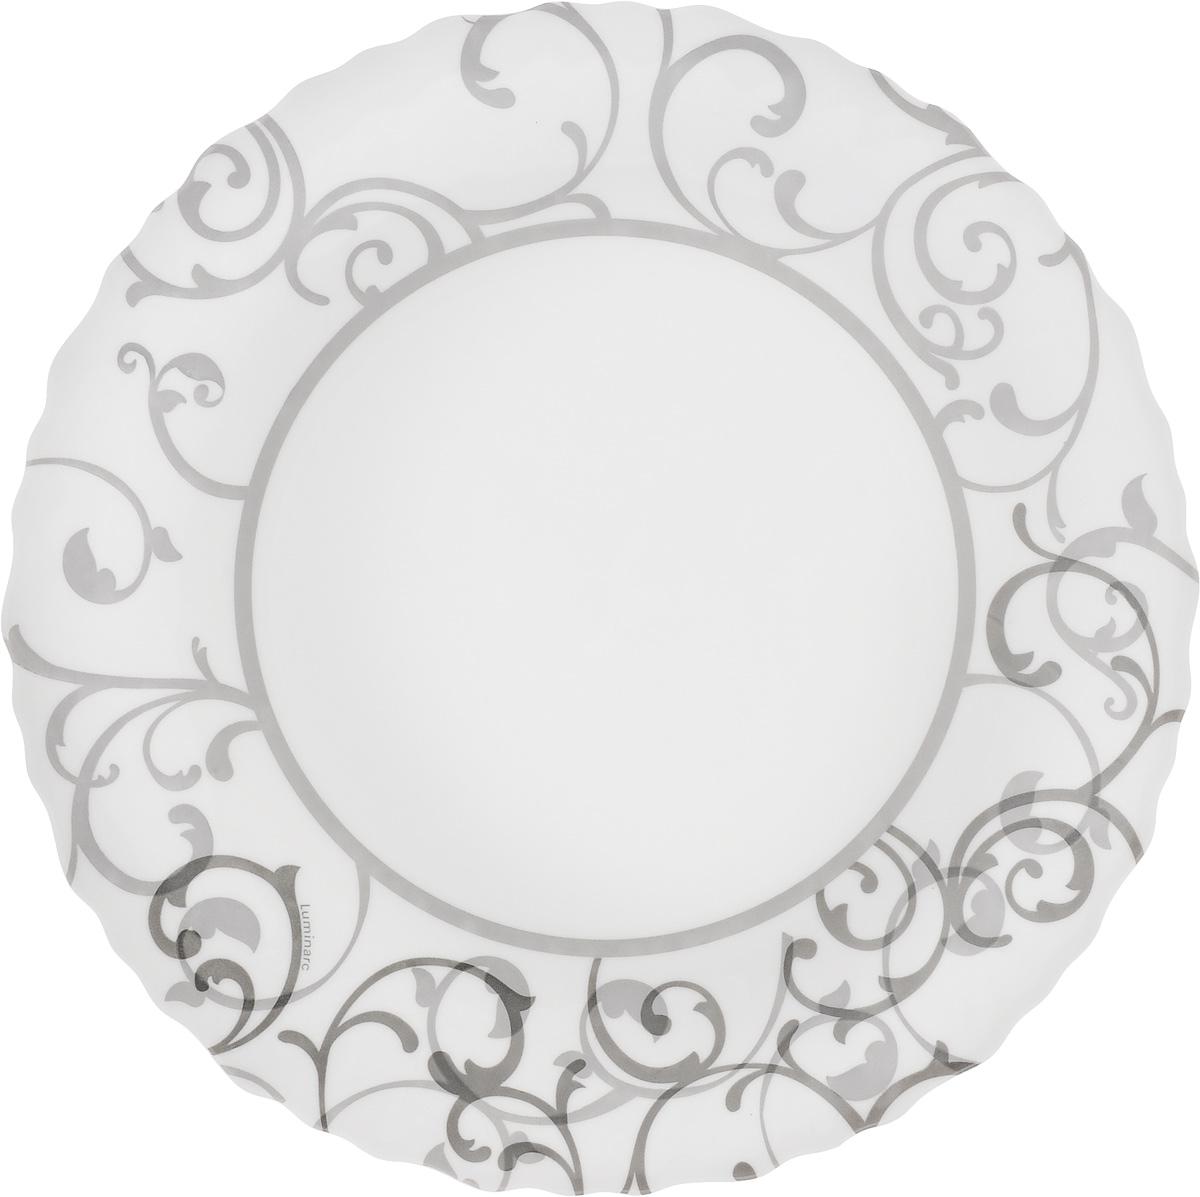 Тарелка десертная Luminarc Aliya, диаметр 19 смJ3245_белый, серый рисунокТарелка десертная Luminarc Aliya изготовлена из ударопрочного стекла и декорирована красивым узором. Такая тарелка прекрасно подходит как для торжественных случаев, так и для повседневного использования. Идеальна для подачи десертов, пирожных, тортов и многого другого. Она прекрасно оформит стол и станет отличным дополнением к вашей коллекции кухонной посуды. Изделие можно мыть в посудомоечной машине, ставить в микроволновую печь и холодильник. Диаметр тарелки: 19 см.